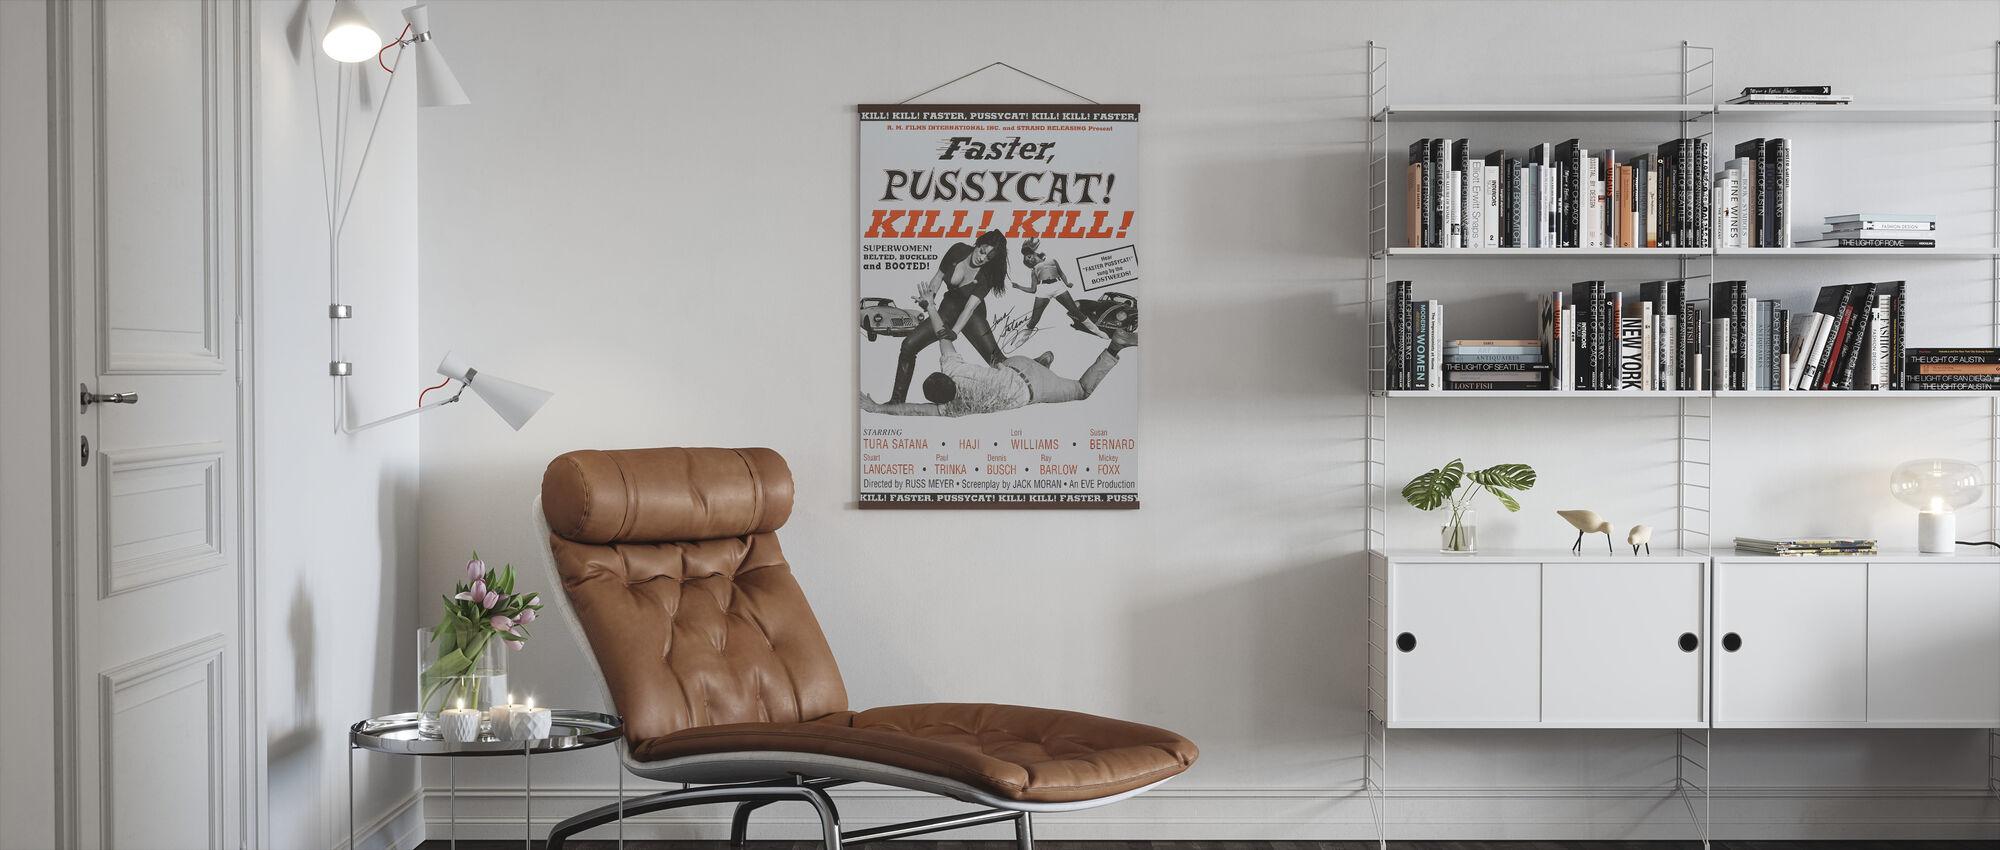 Snabbare Pussycat döda döda II - Poster - Vardagsrum